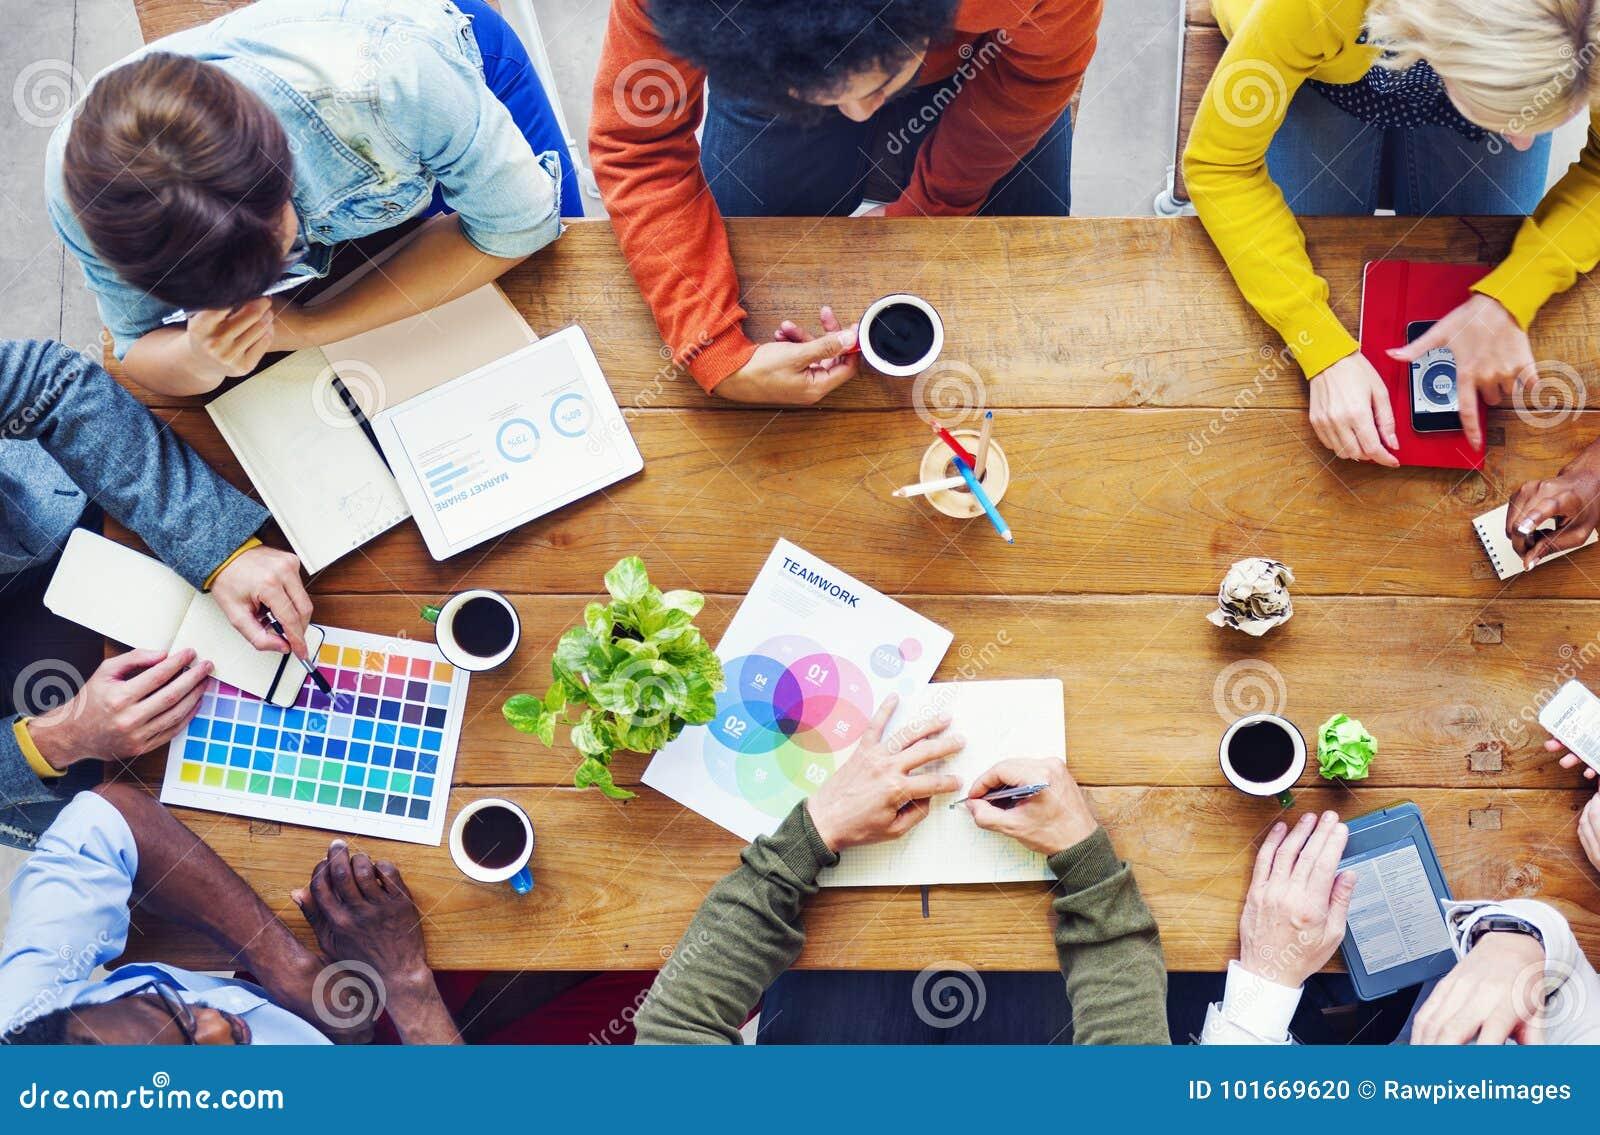 Groupe de concepteurs divers ayant une discussion